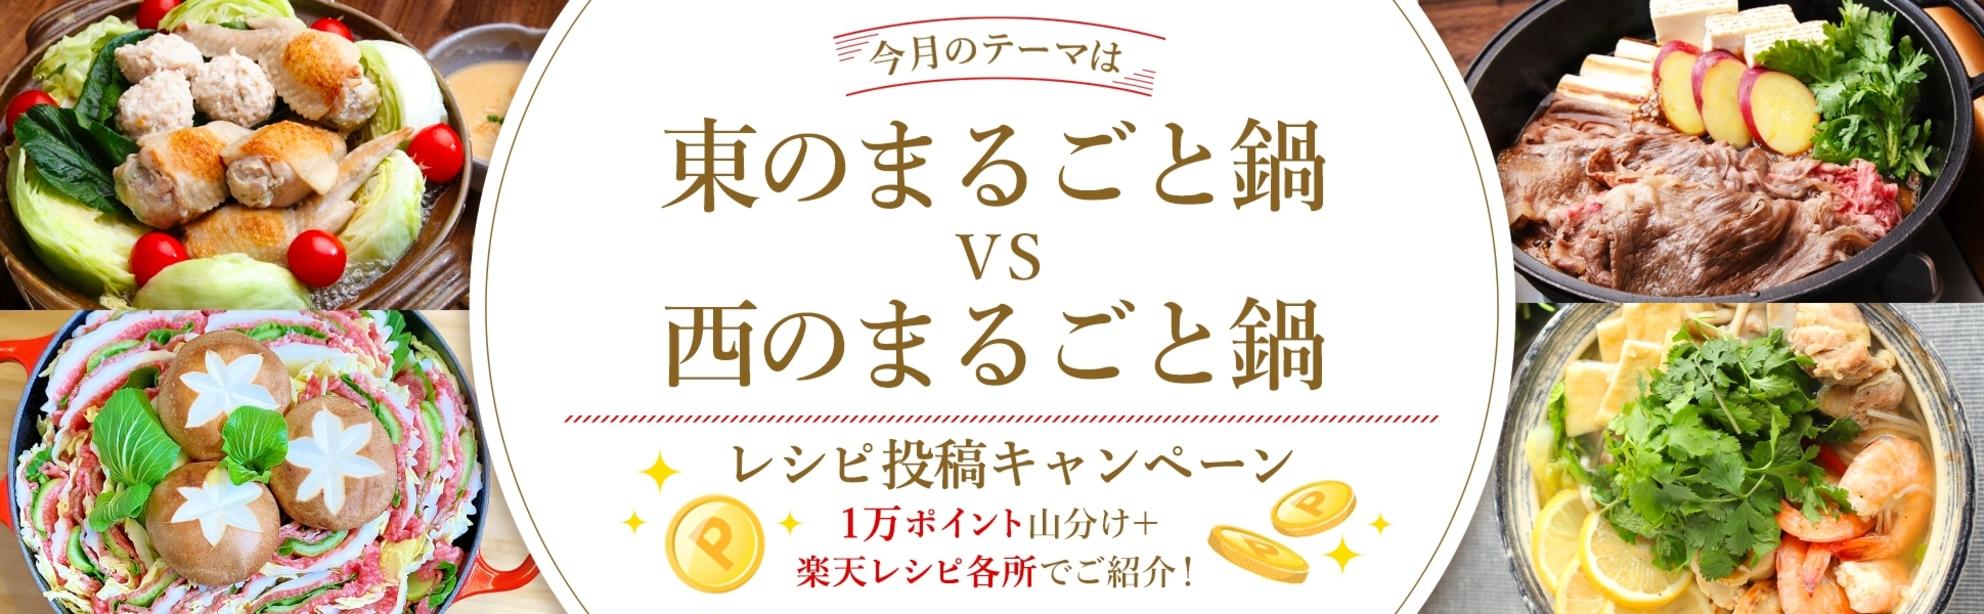 【毎月開催!】自慢のレシピ大募集♪<今月のテーマは「まるごと鍋™」!>